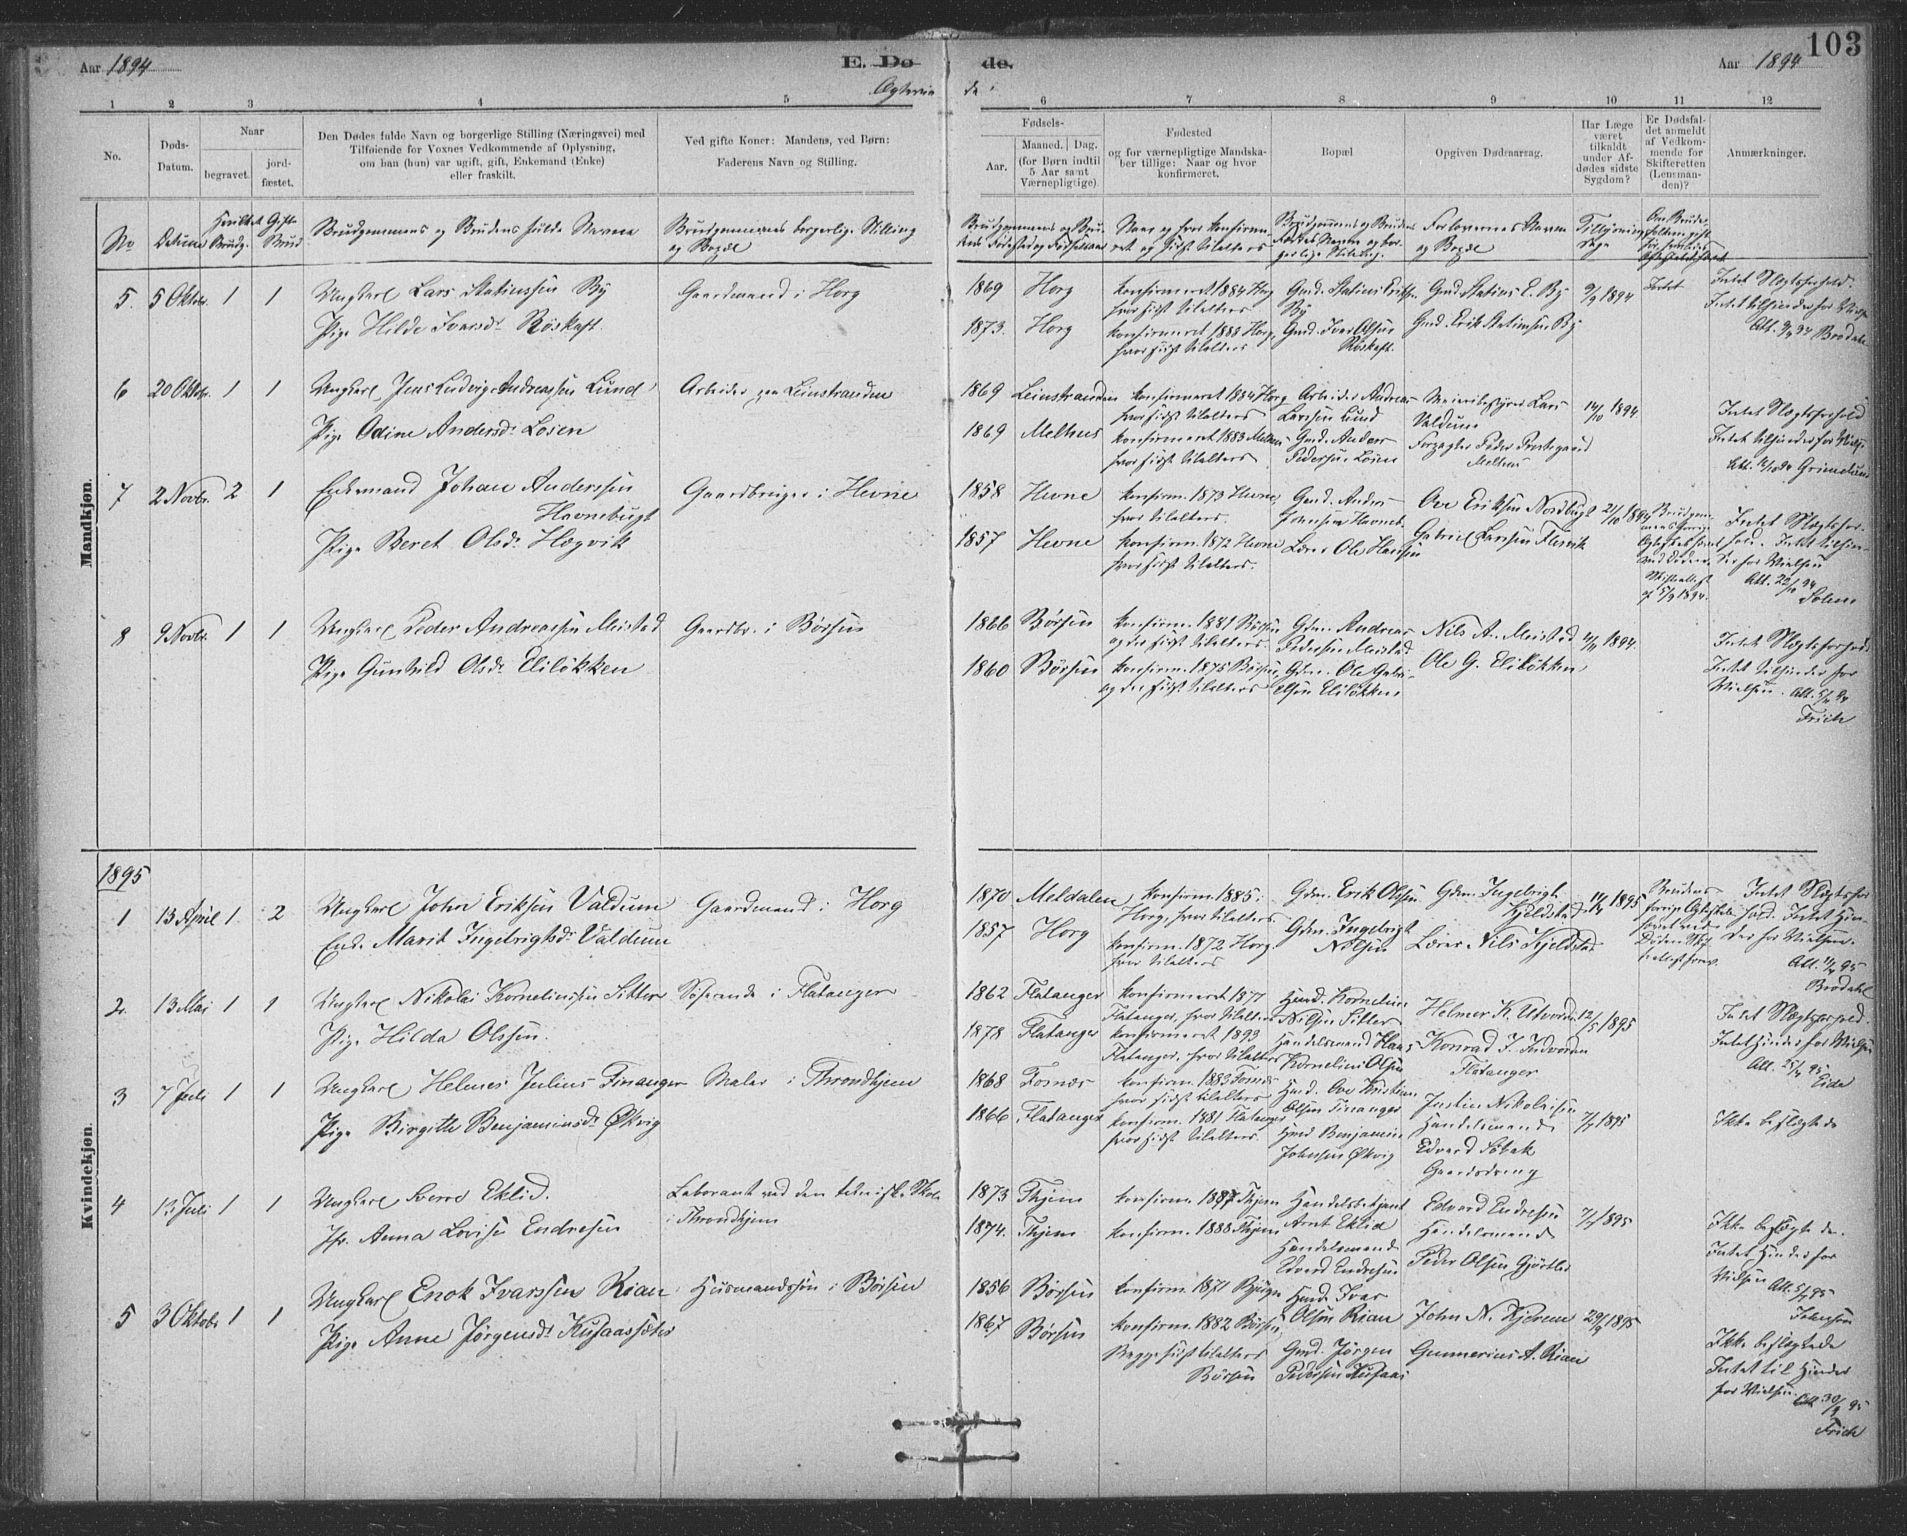 SAT, Ministerialprotokoller, klokkerbøker og fødselsregistre - Sør-Trøndelag, 623/L0470: Ministerialbok nr. 623A04, 1884-1938, s. 103